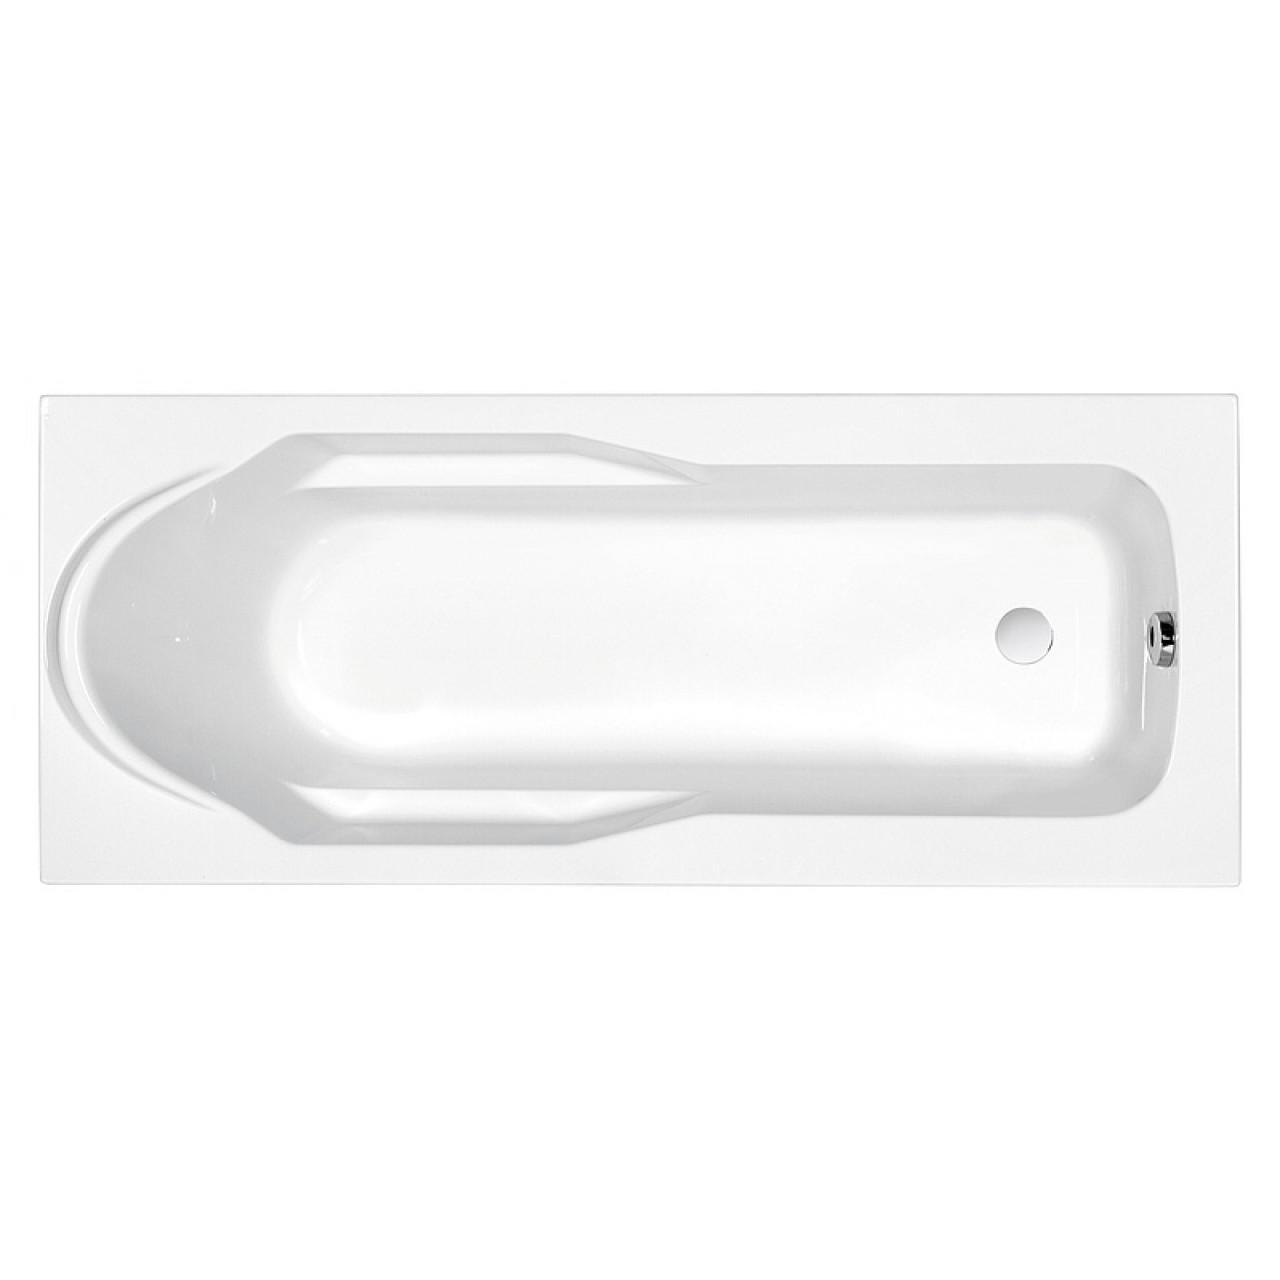 Акриловая ванна Cersanit Santana WP-SANTANA*170 170x70 см купить в Москве по цене от 5946р. в интернет-магазине mebel-v-vannu.ru